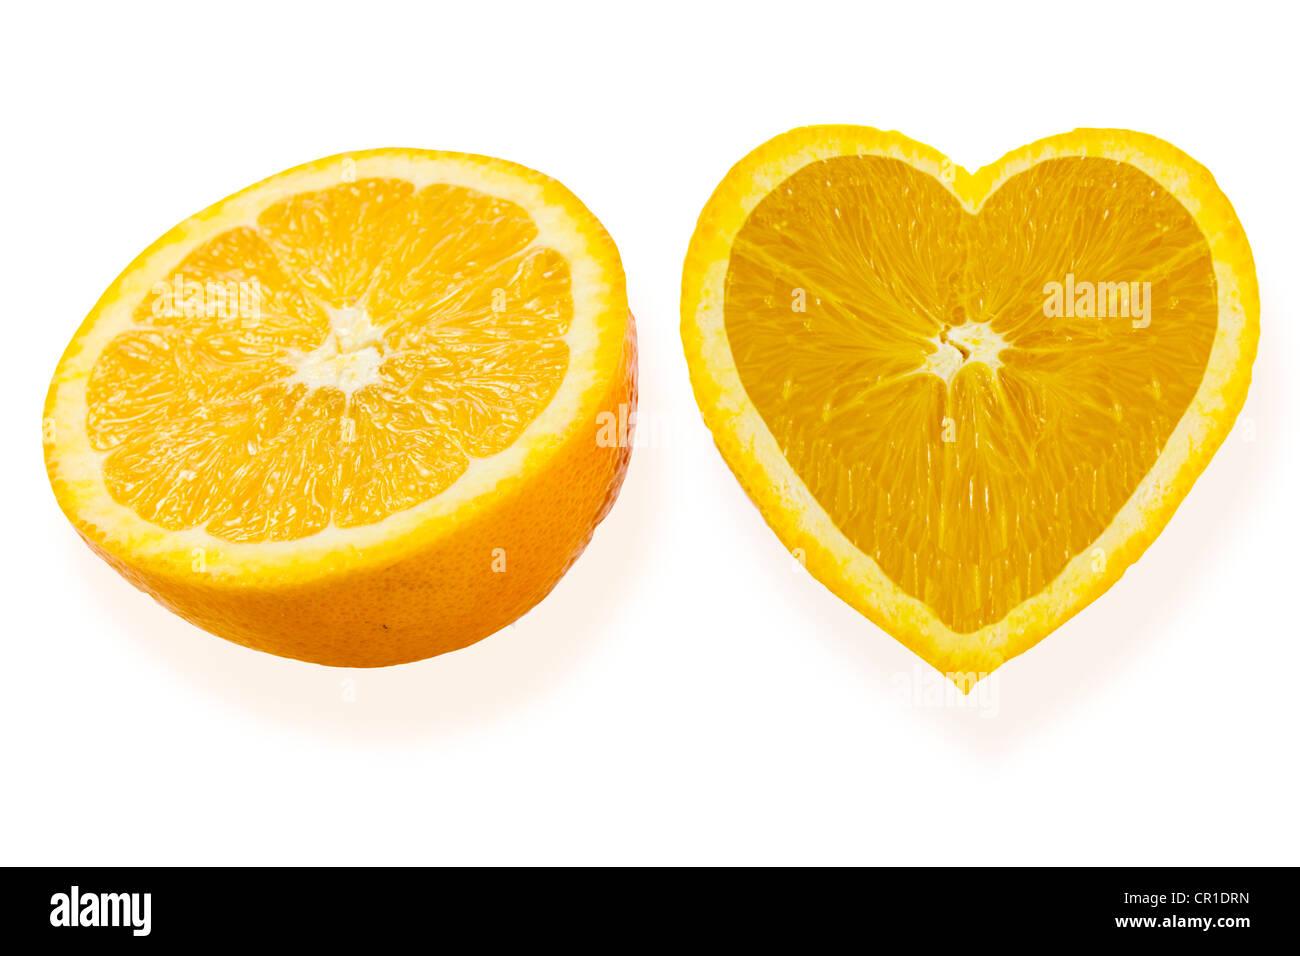 Oranges, heart-shaped - Stock Image